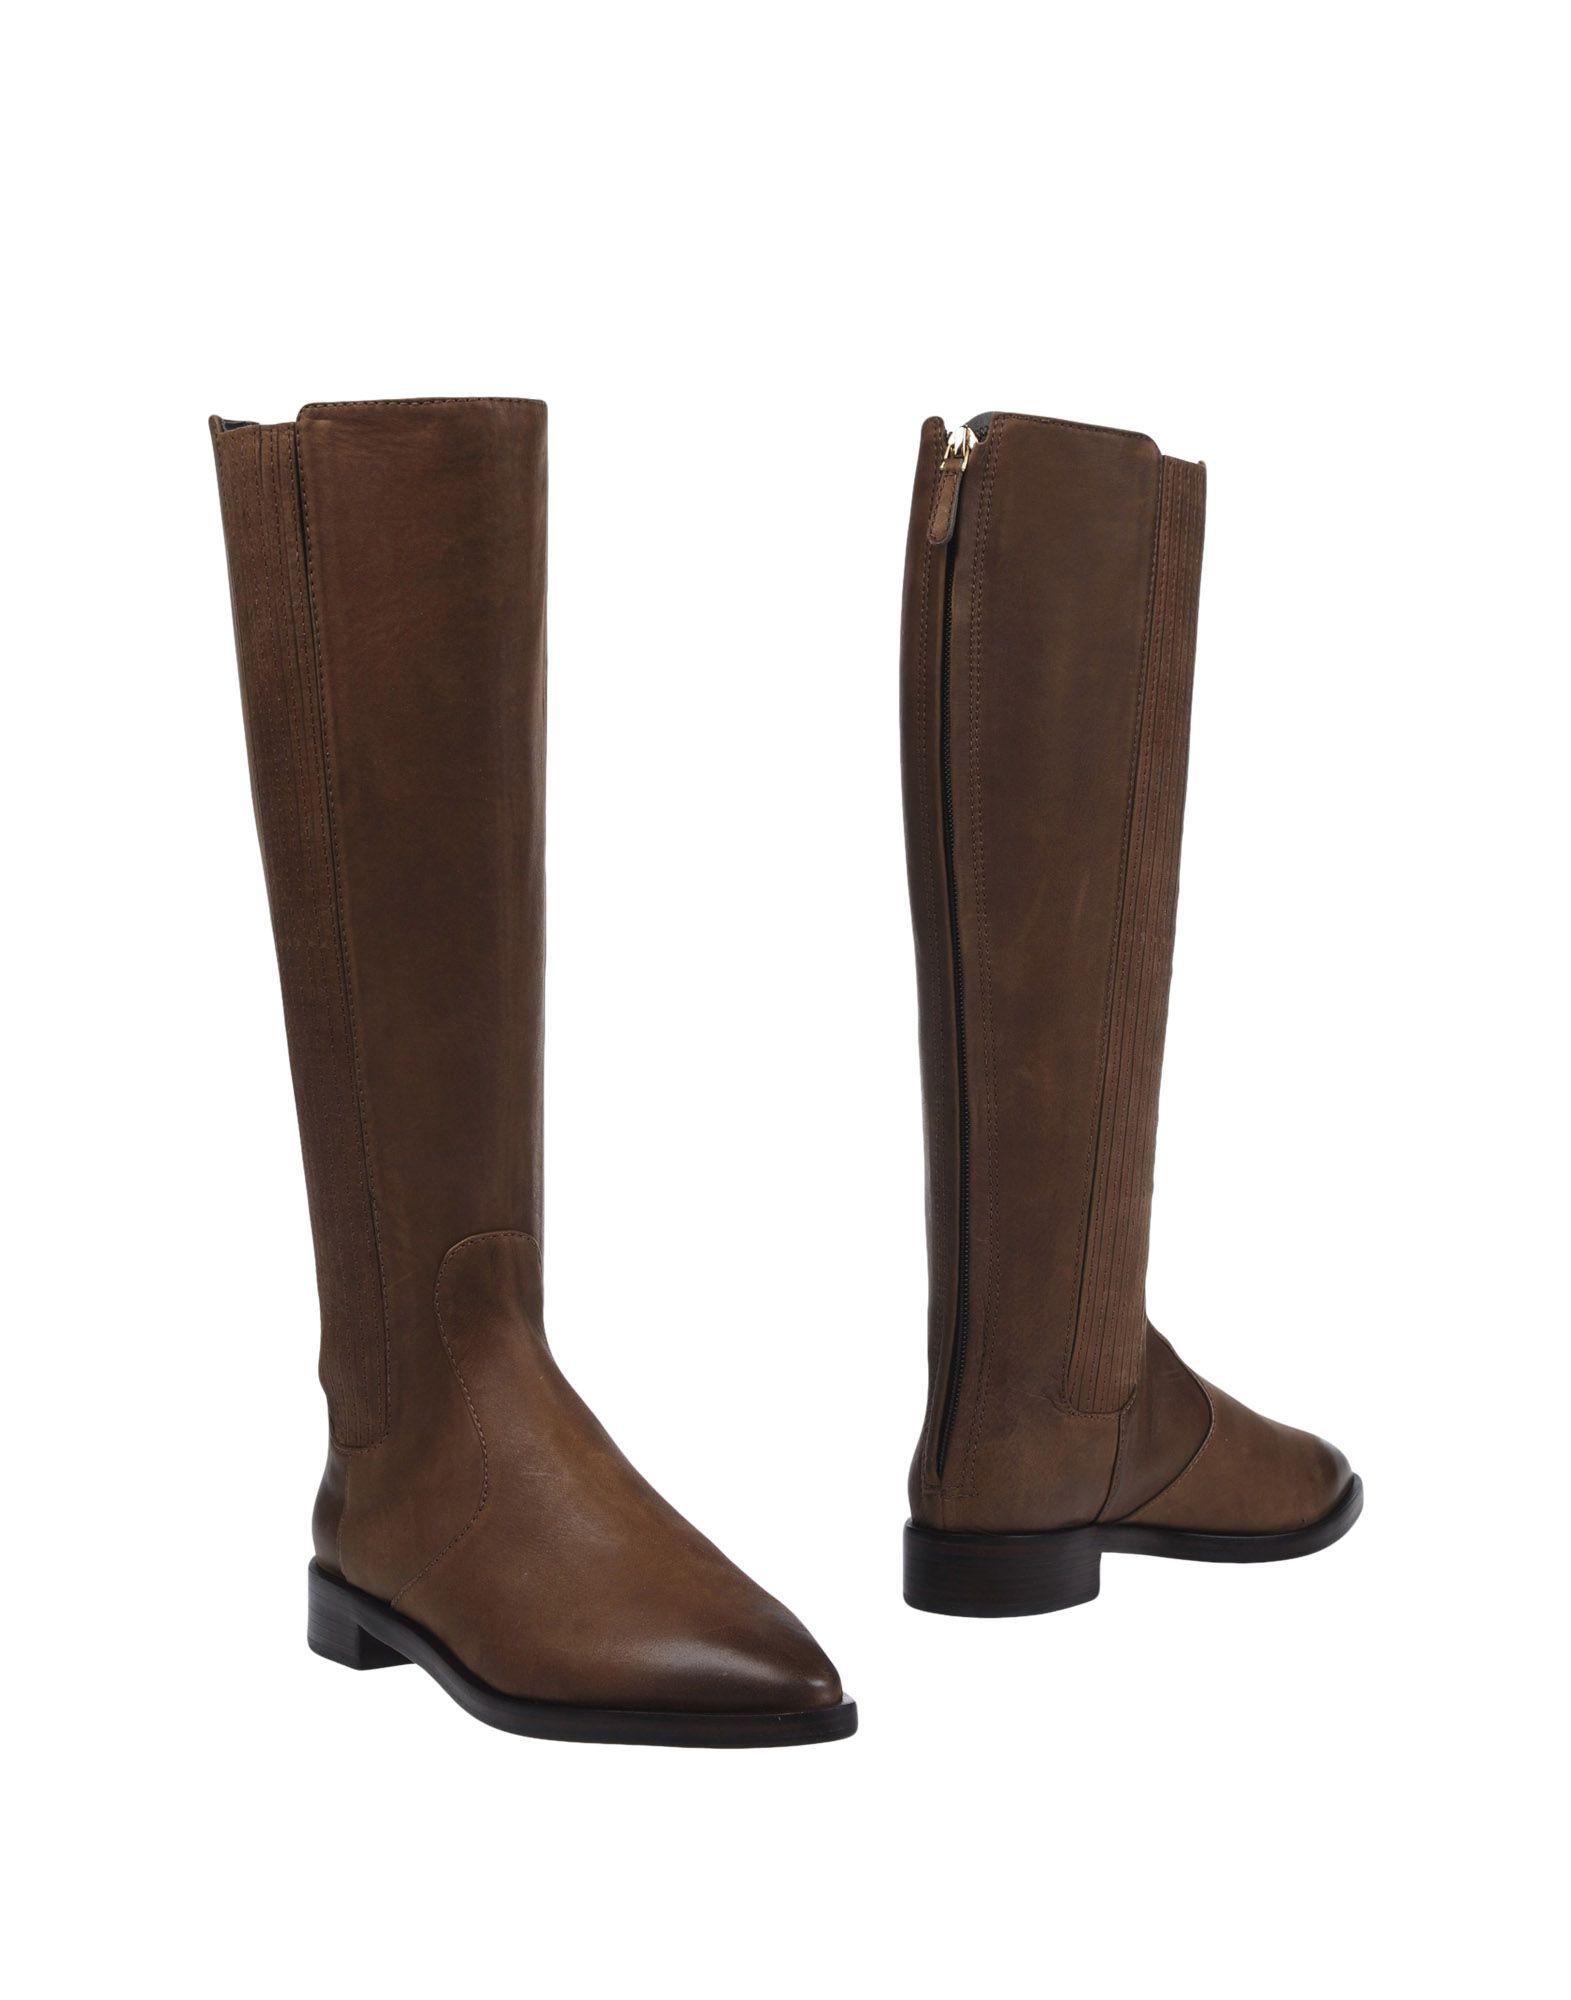 Tory Burch Burch Burch Stiefel Damen  11203390LL Beliebte Schuhe f3668d